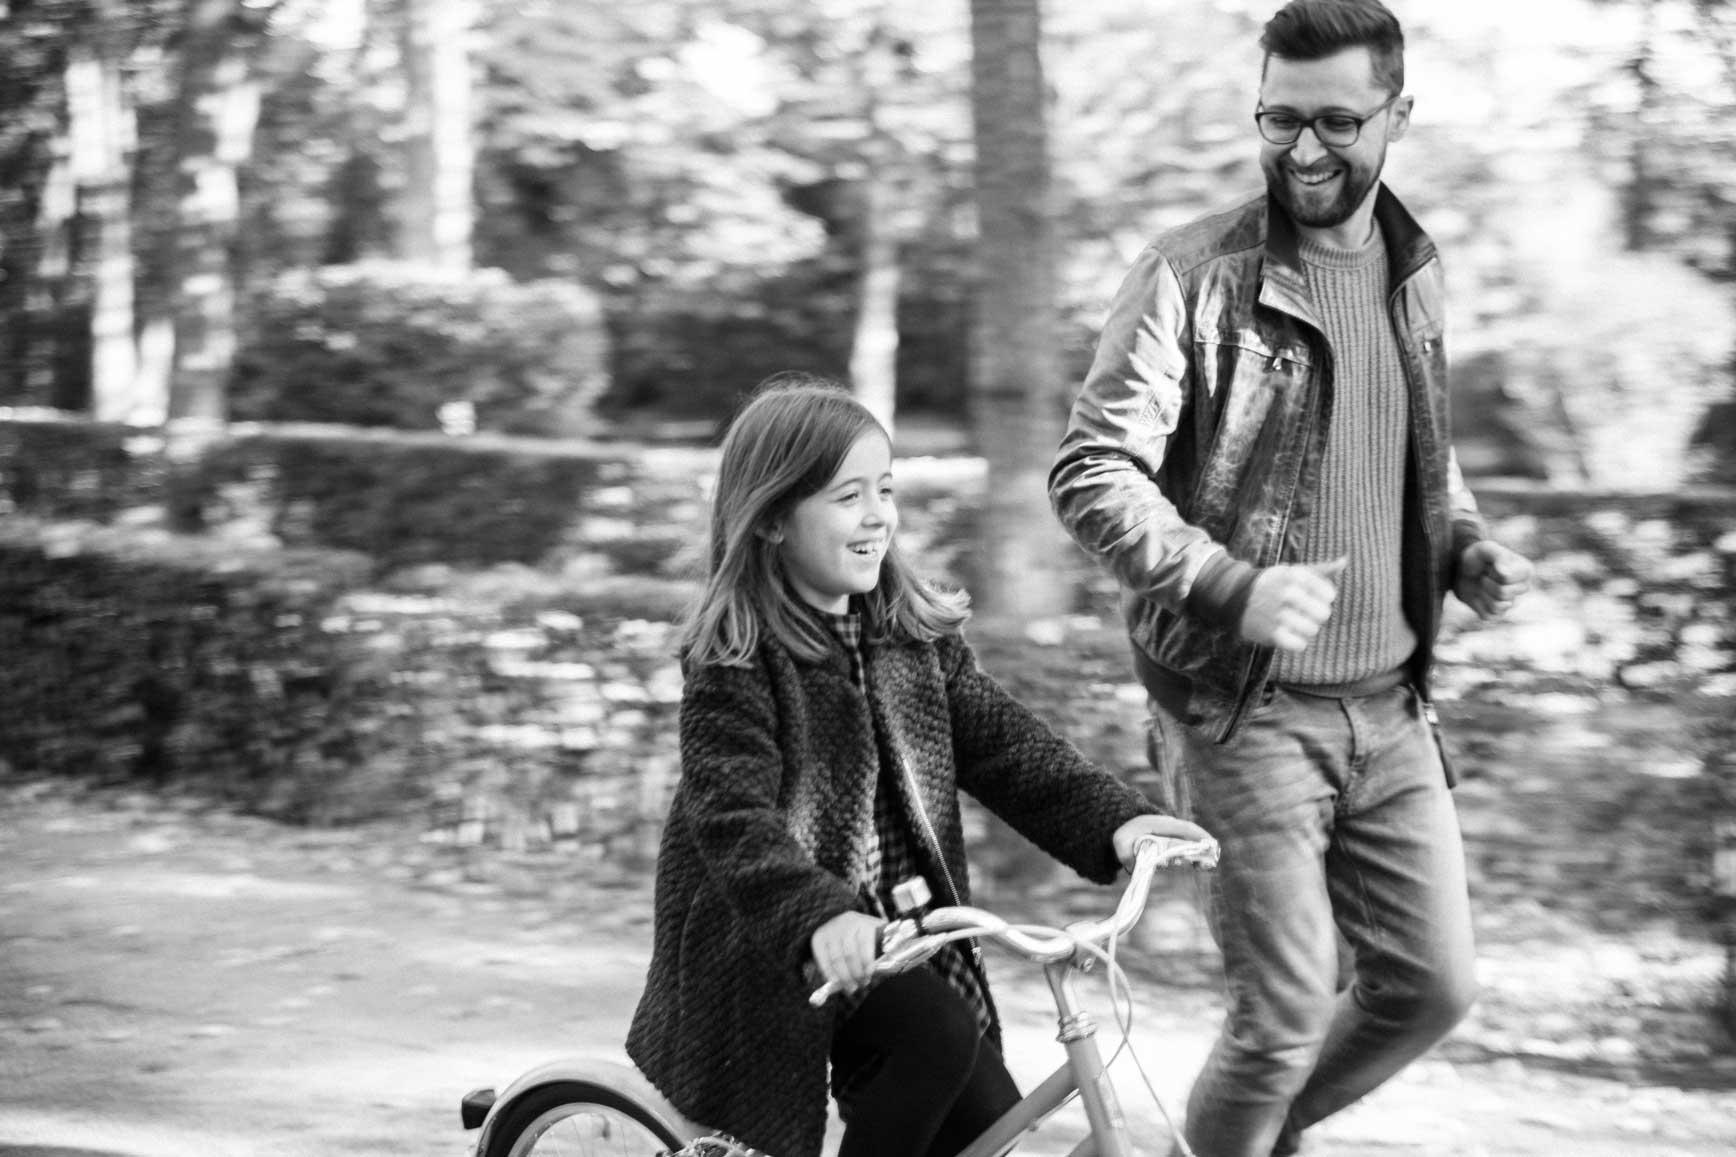 Historias de bicicleta-claraBmartin-06